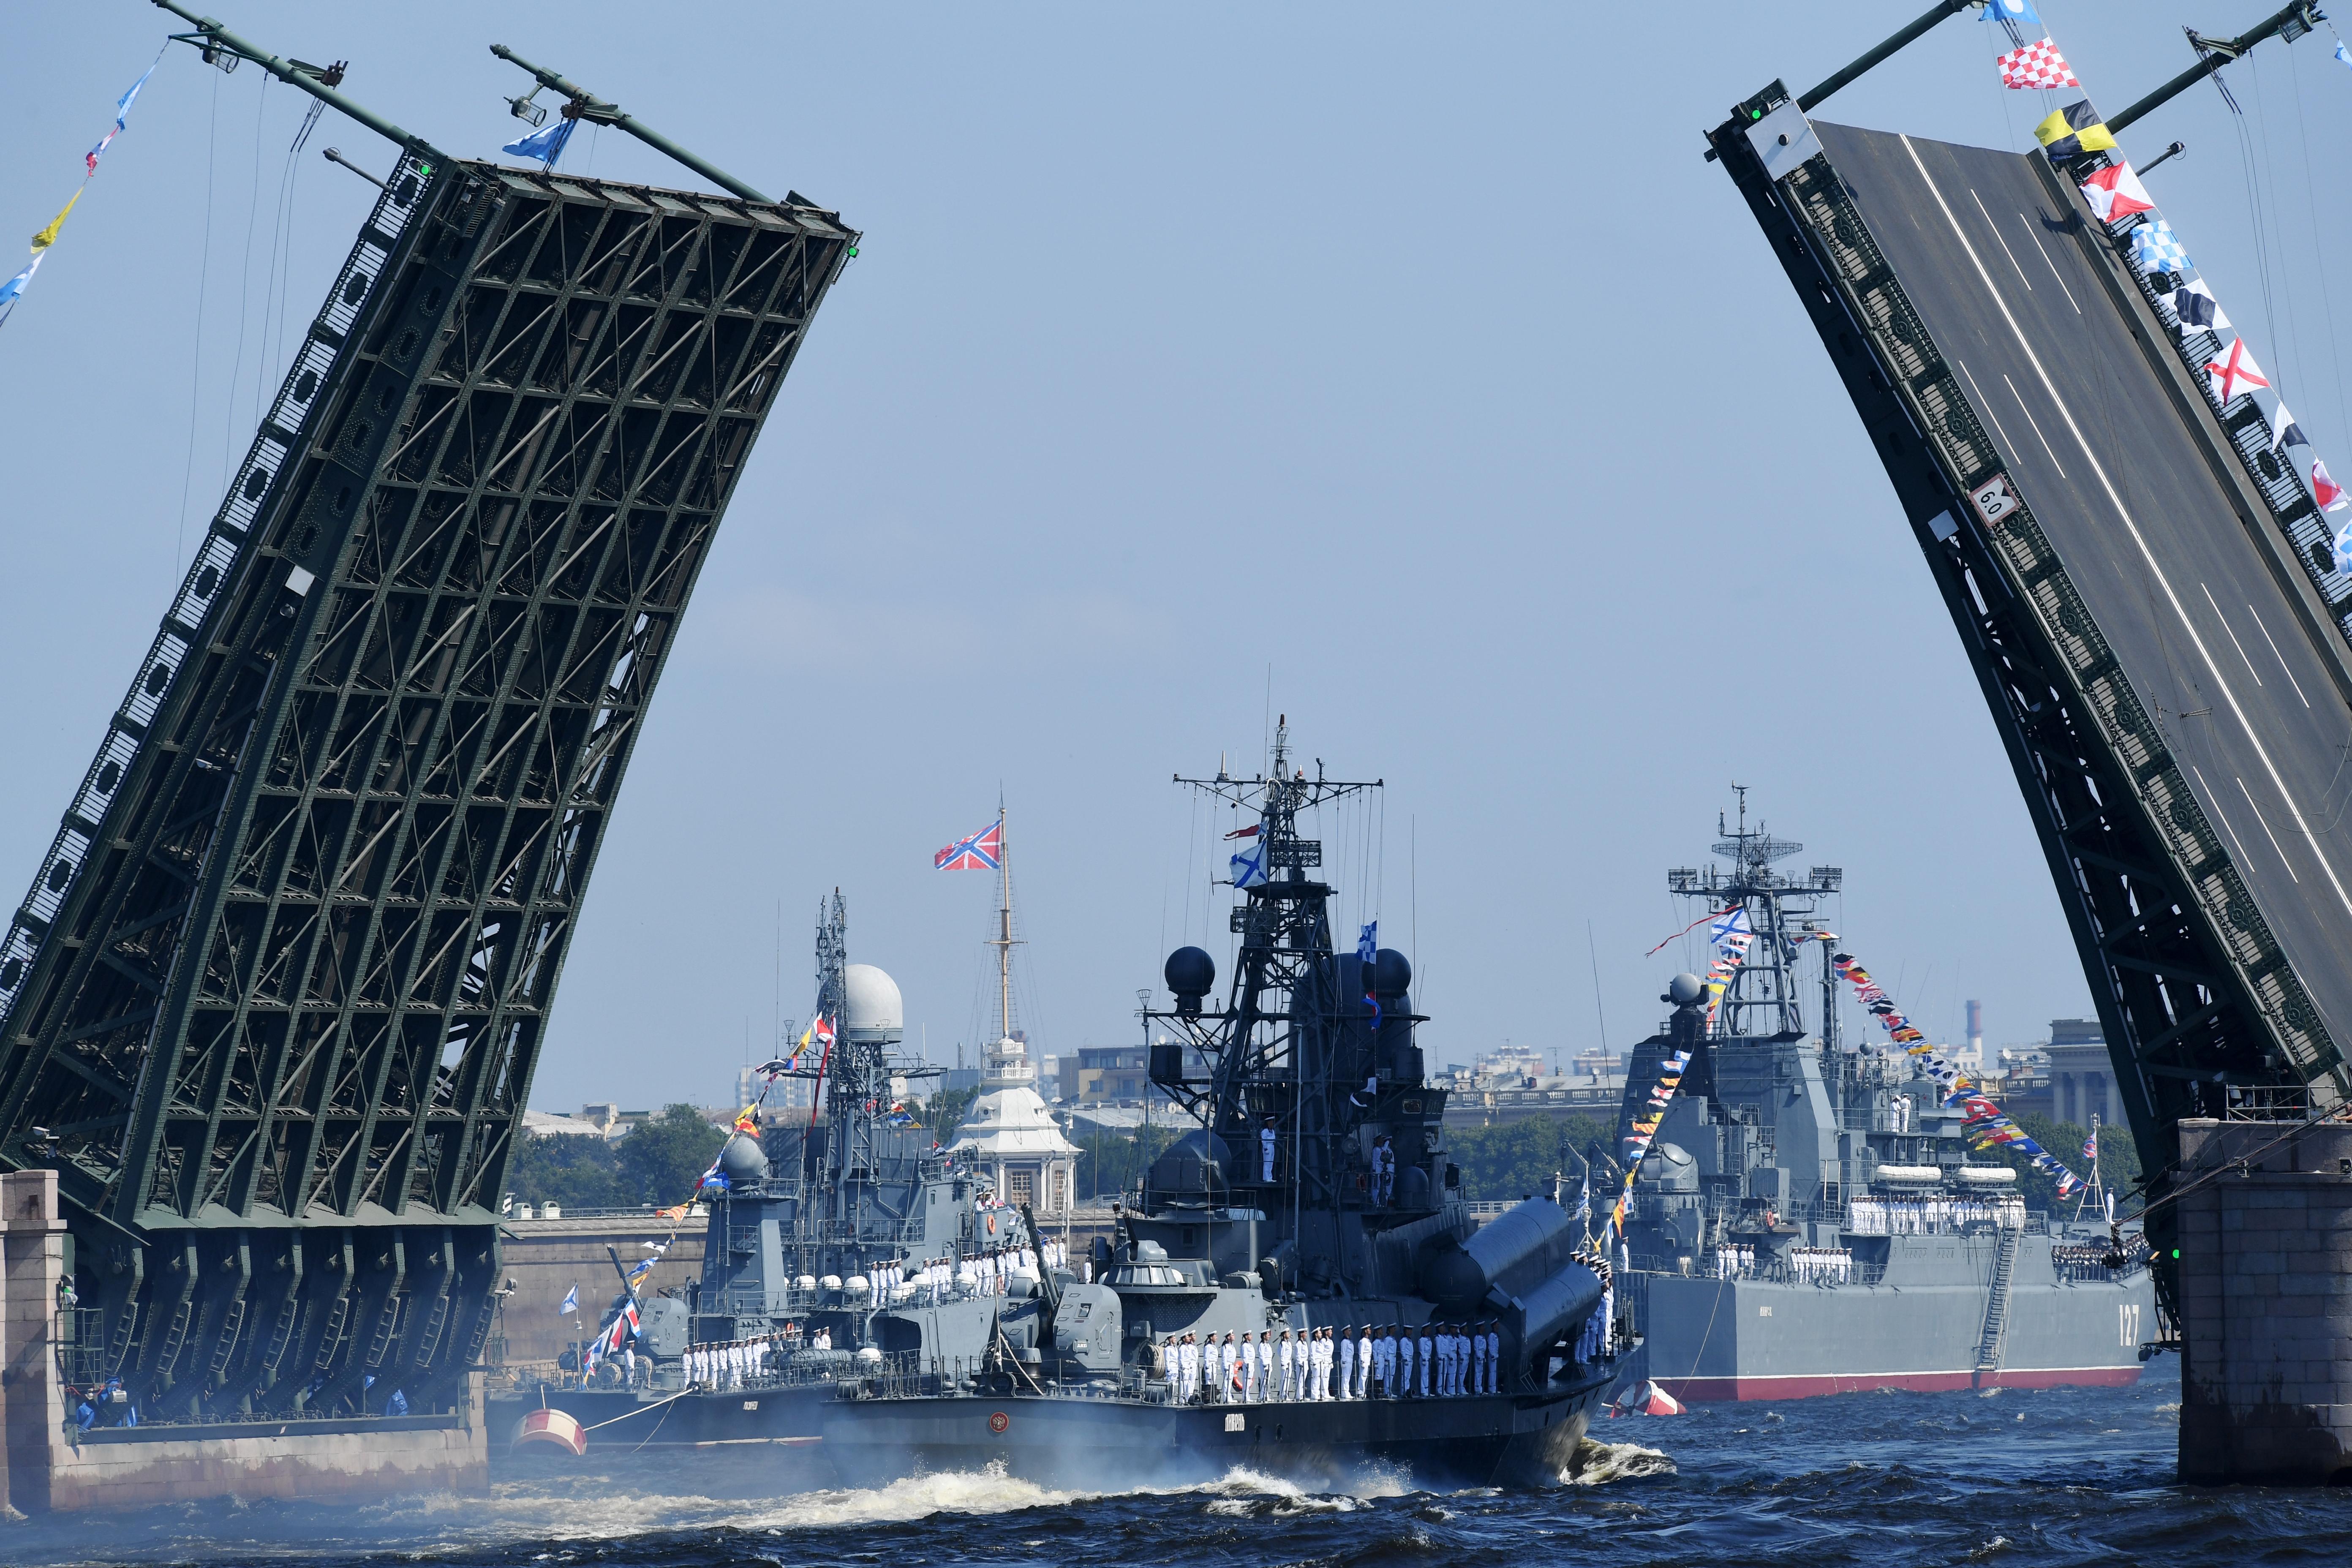 El plan de rearme integral de las fuerzas armadas rusas presupuestado hasta el año 2020 prevé adquirir prioritariamente submarinos nucleares, aviación estratégica y misiles intercontinentales